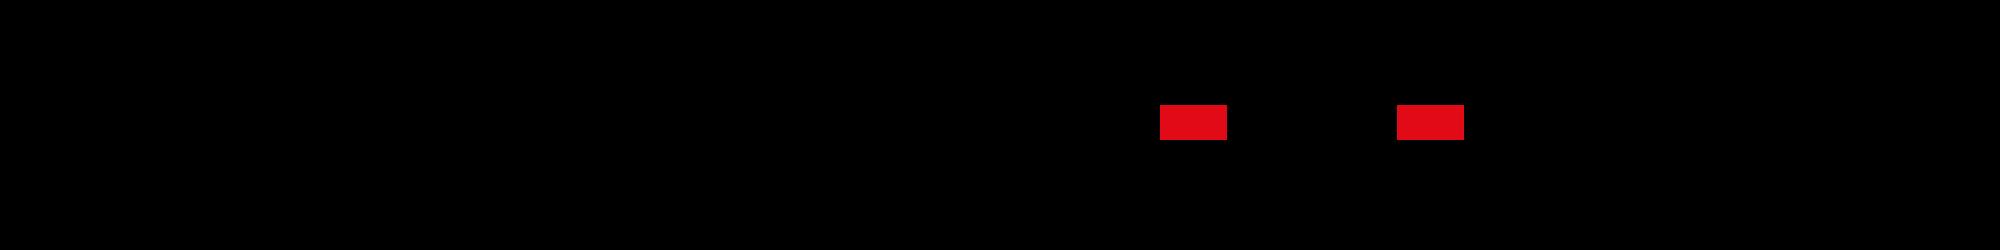 2000px-Square_Enix_logo.png